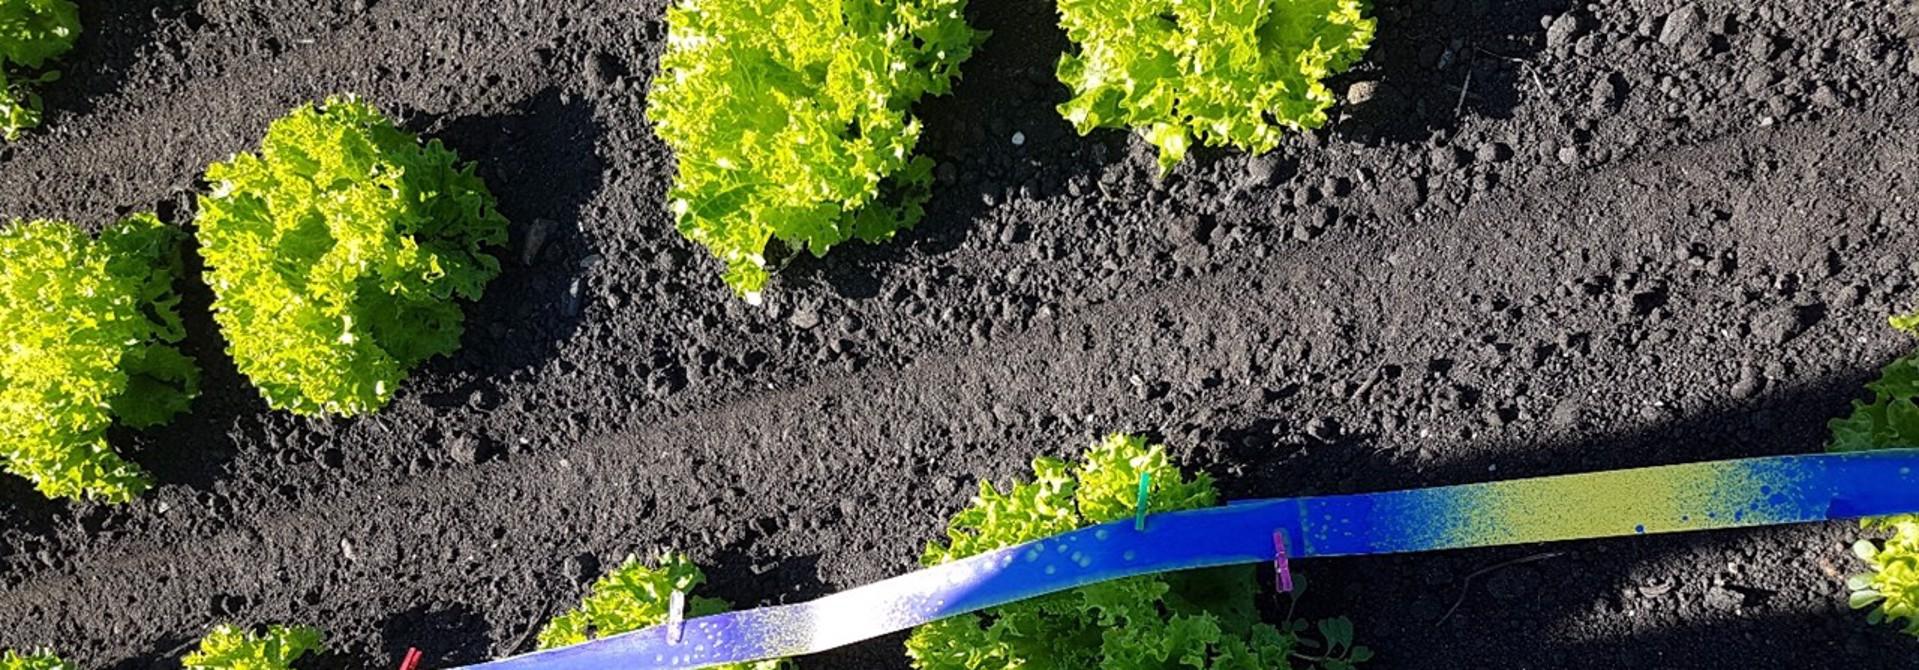 Durch den Pflanzenschutzroboter werden gezielt nur die Pflanzenku00f6pfe mit PSM behandelt. Eine Reduktion bis zu 80% der Mittelmenge scheint im Bereich des Mu00f6glichen zu liegen>